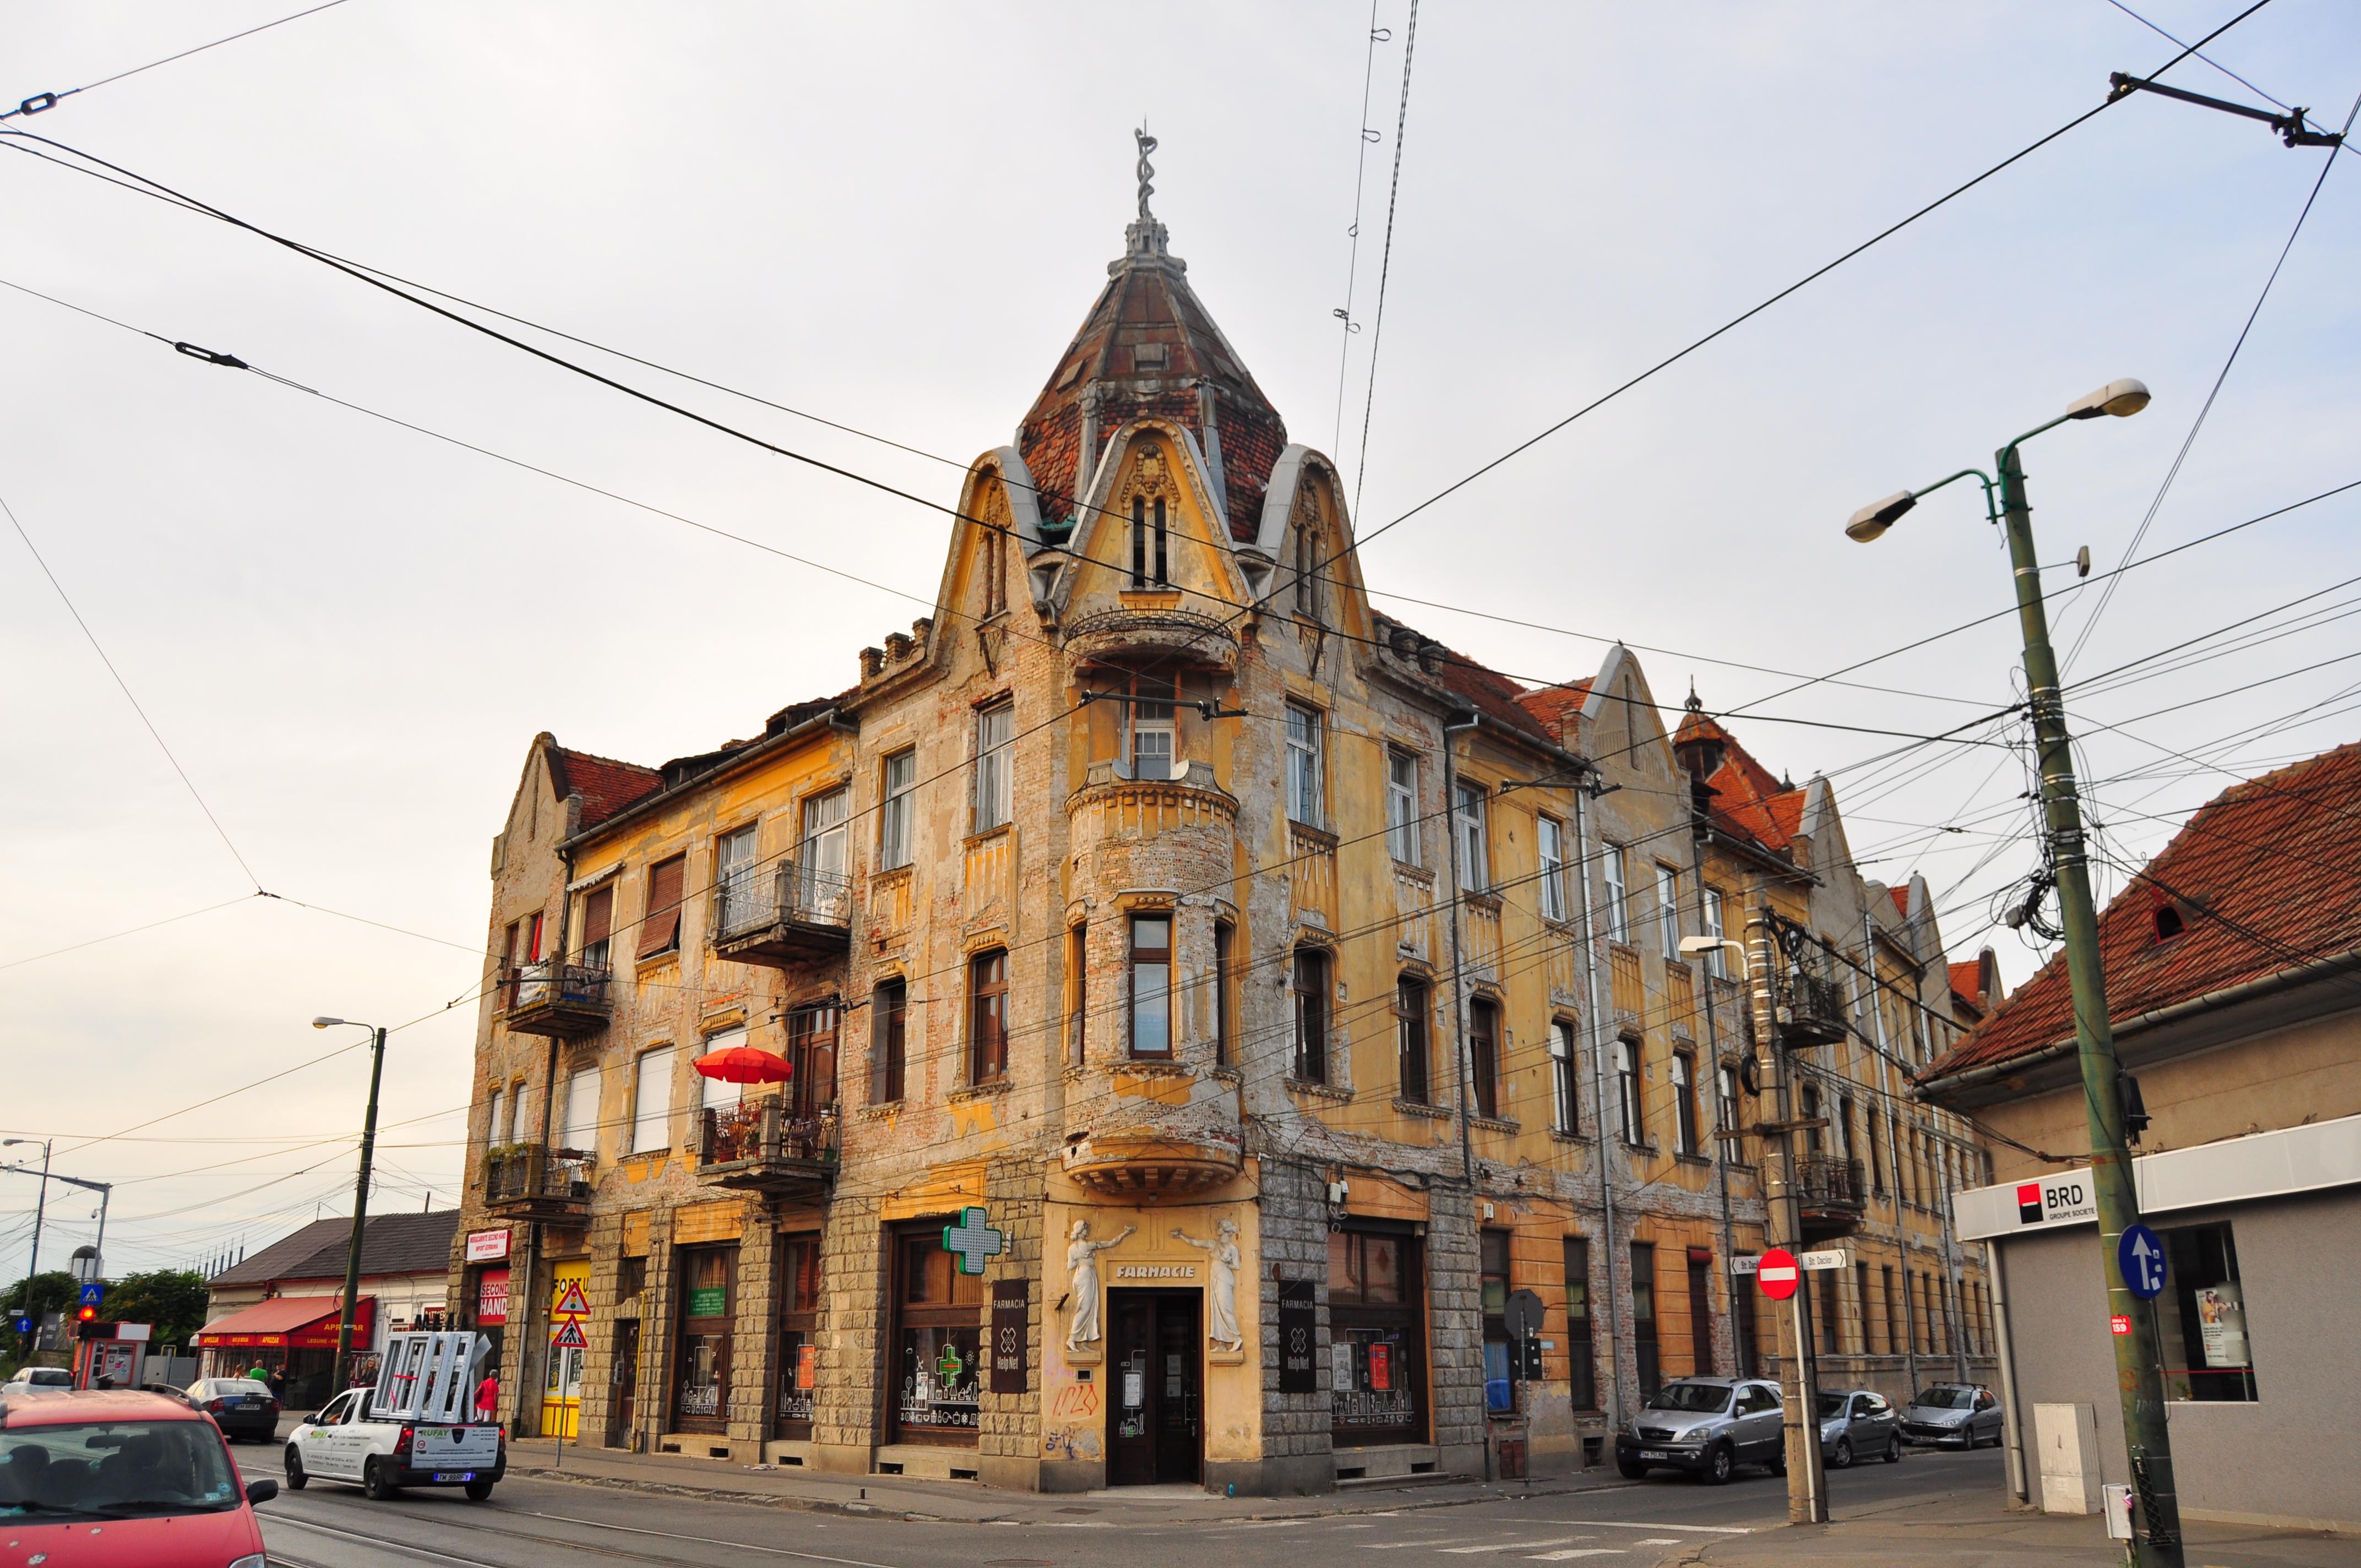 Palatul Nagele situate pe Strada Dacilor în apropiere de Piața Traian. Timișoara